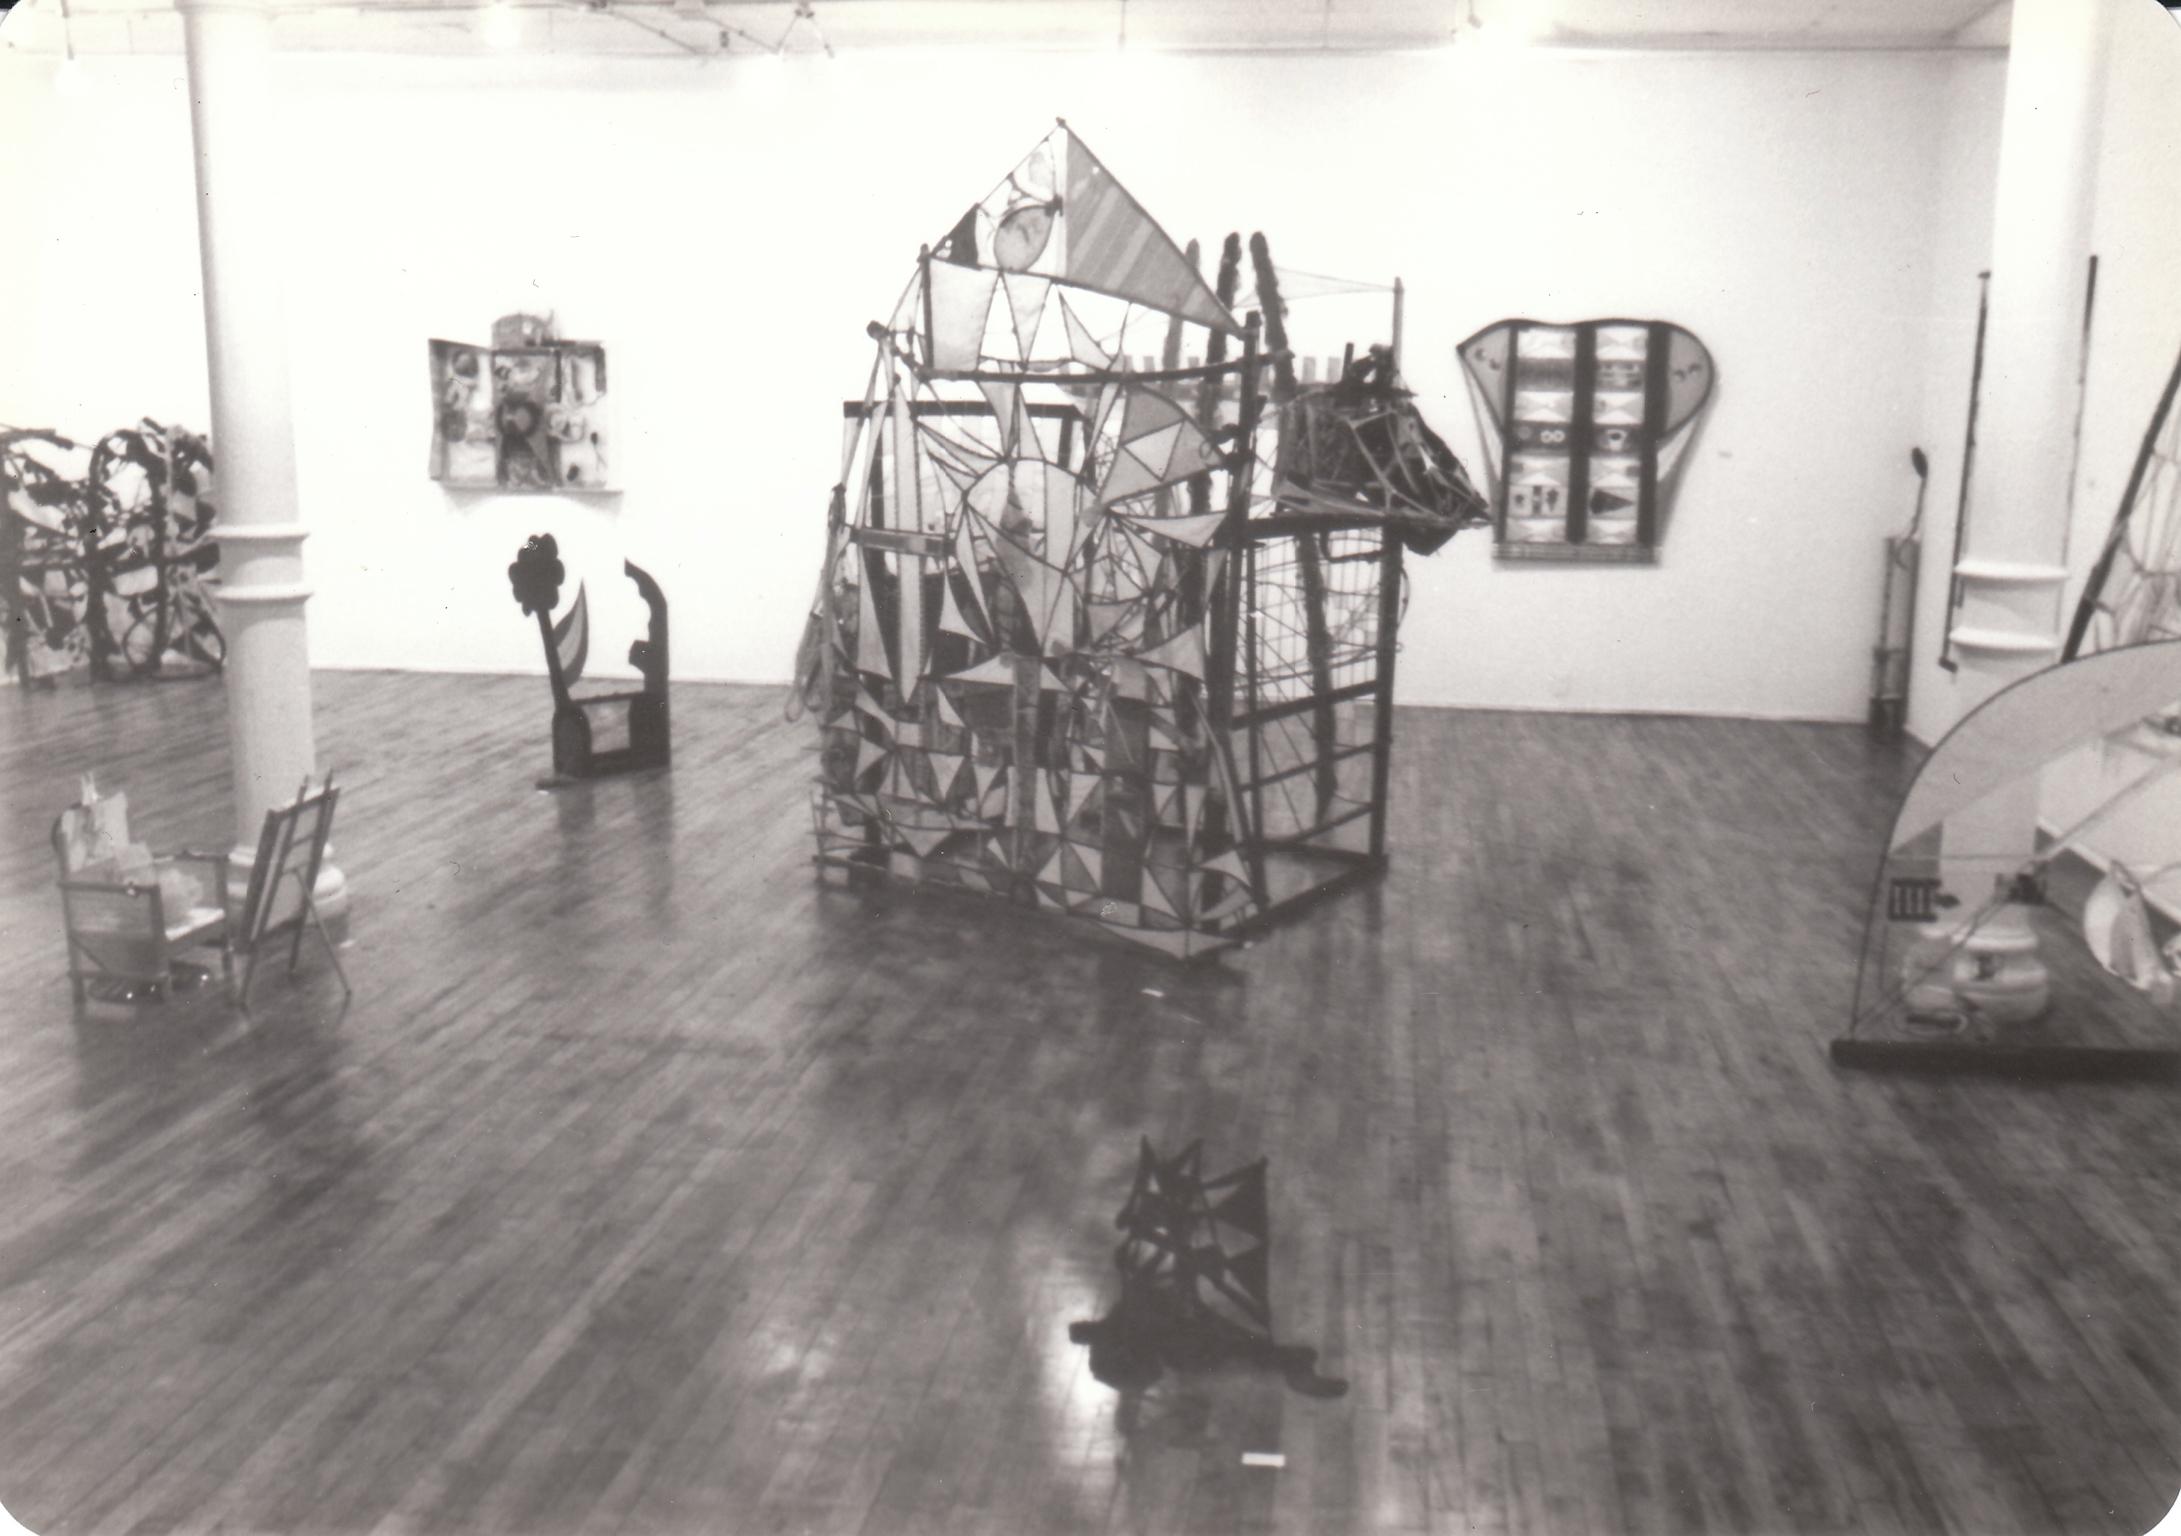 1980 Phyllis Kind Gallery NYC _0017.jpg